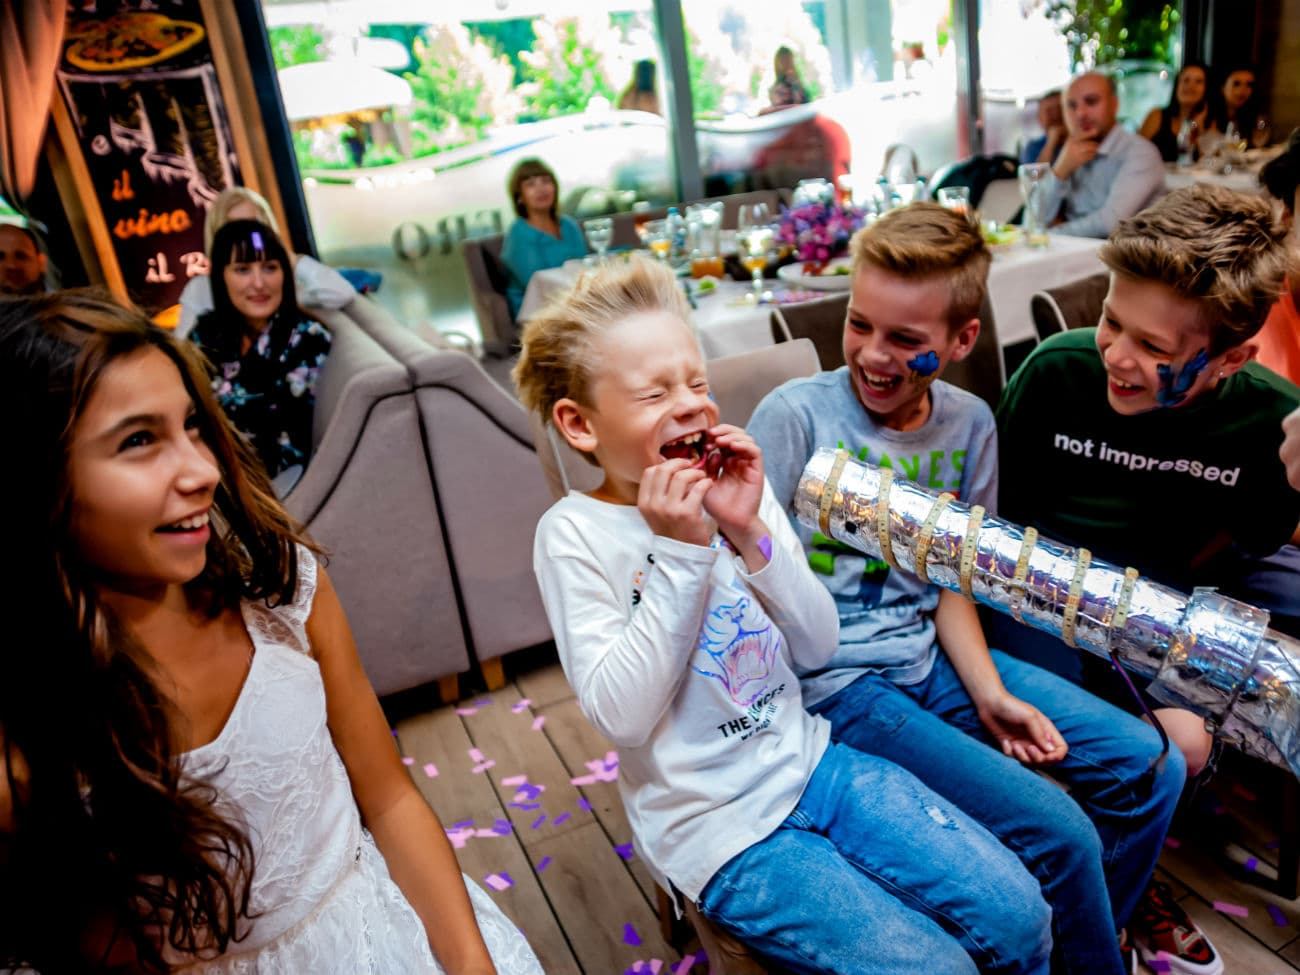 Научное шоу для детей в кафе - 0220